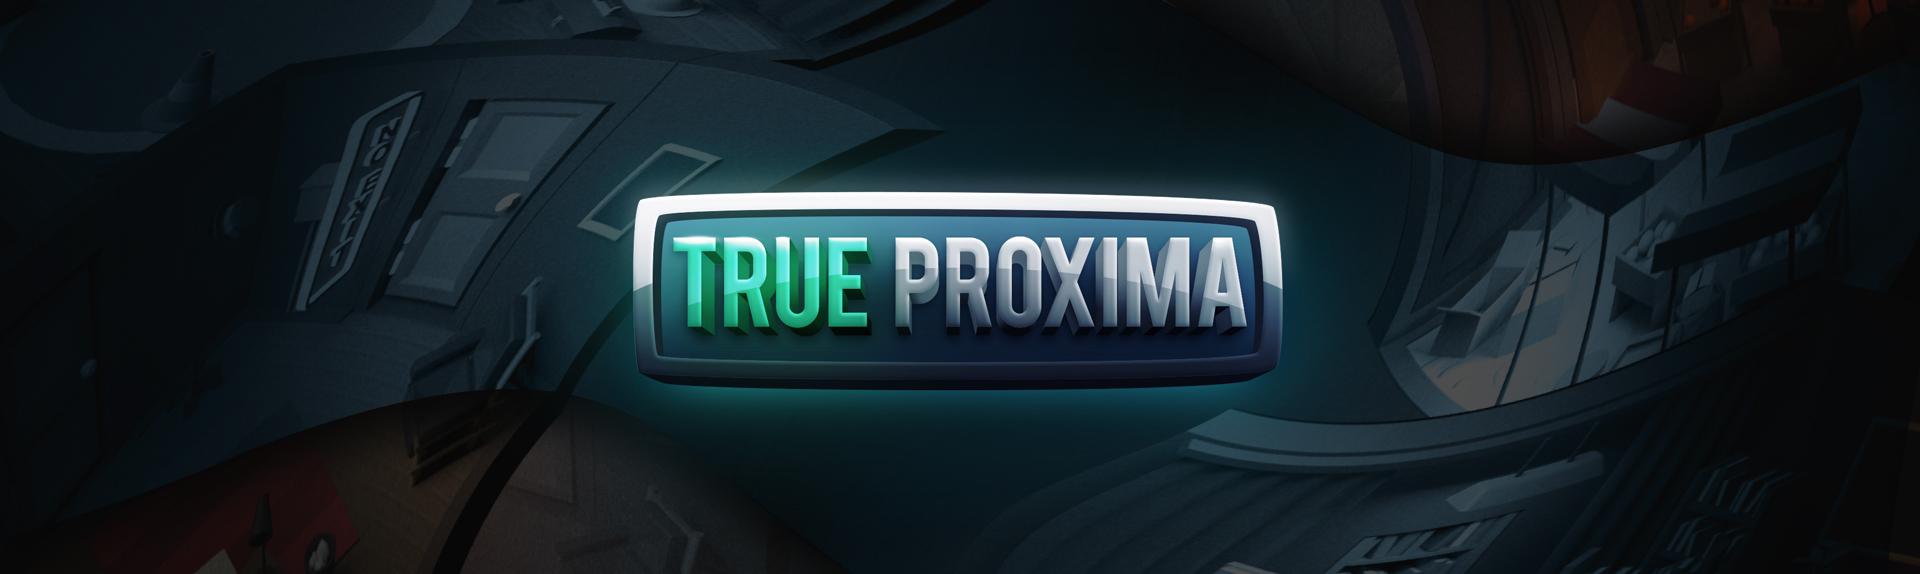 True Proxima